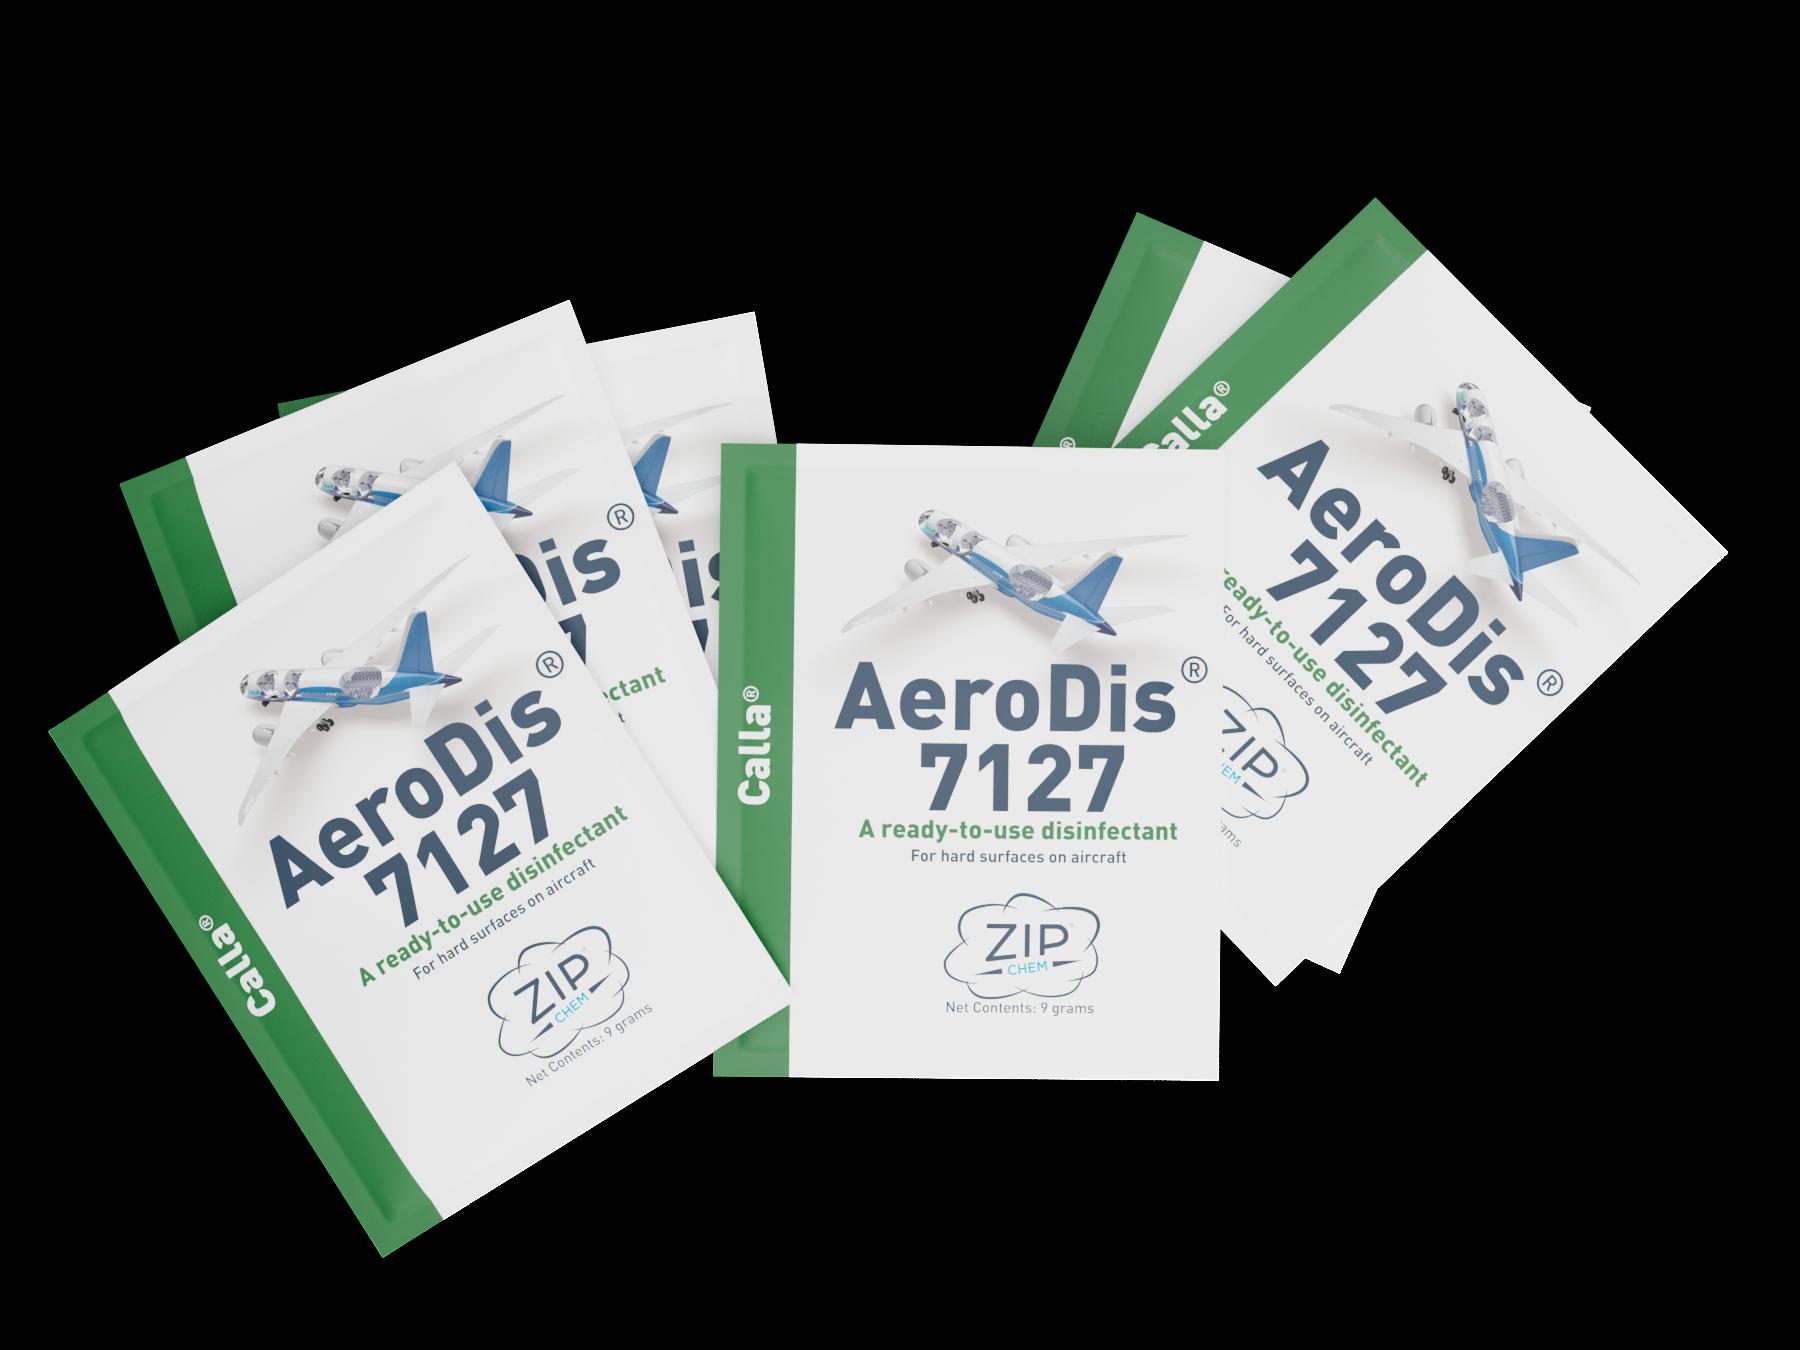 Aerodis 7127 image-png